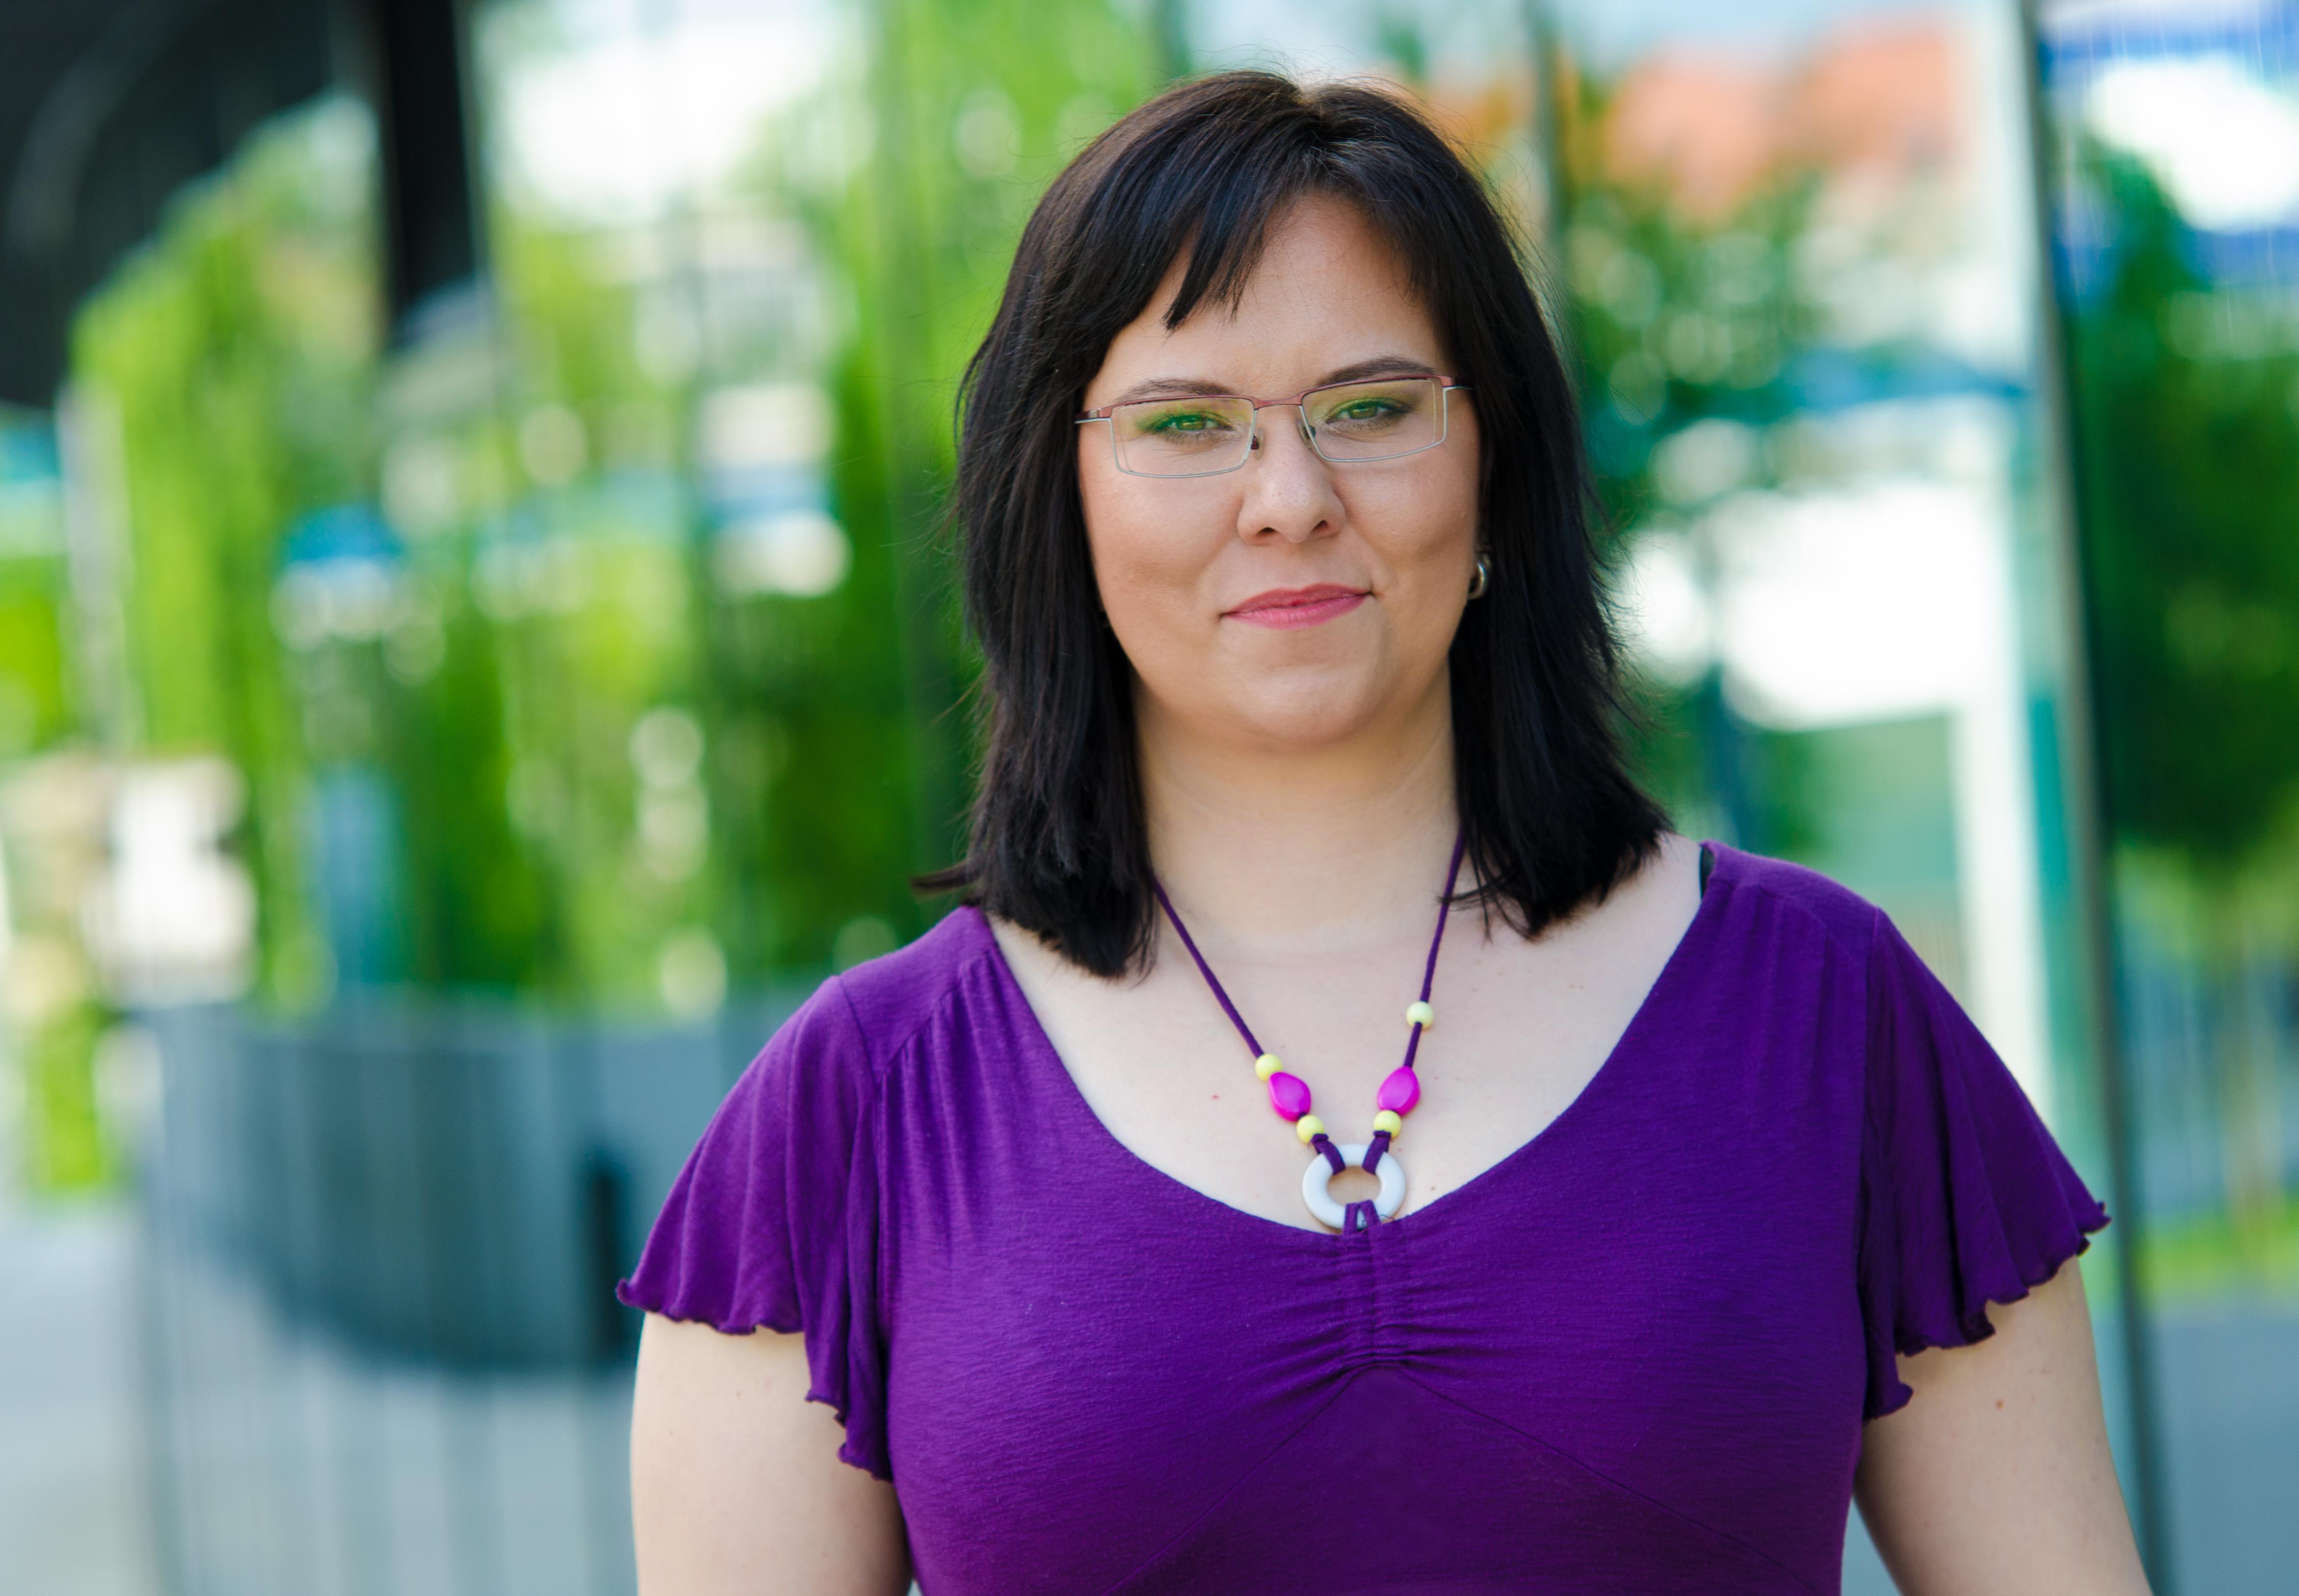 Kateřina Petrusová